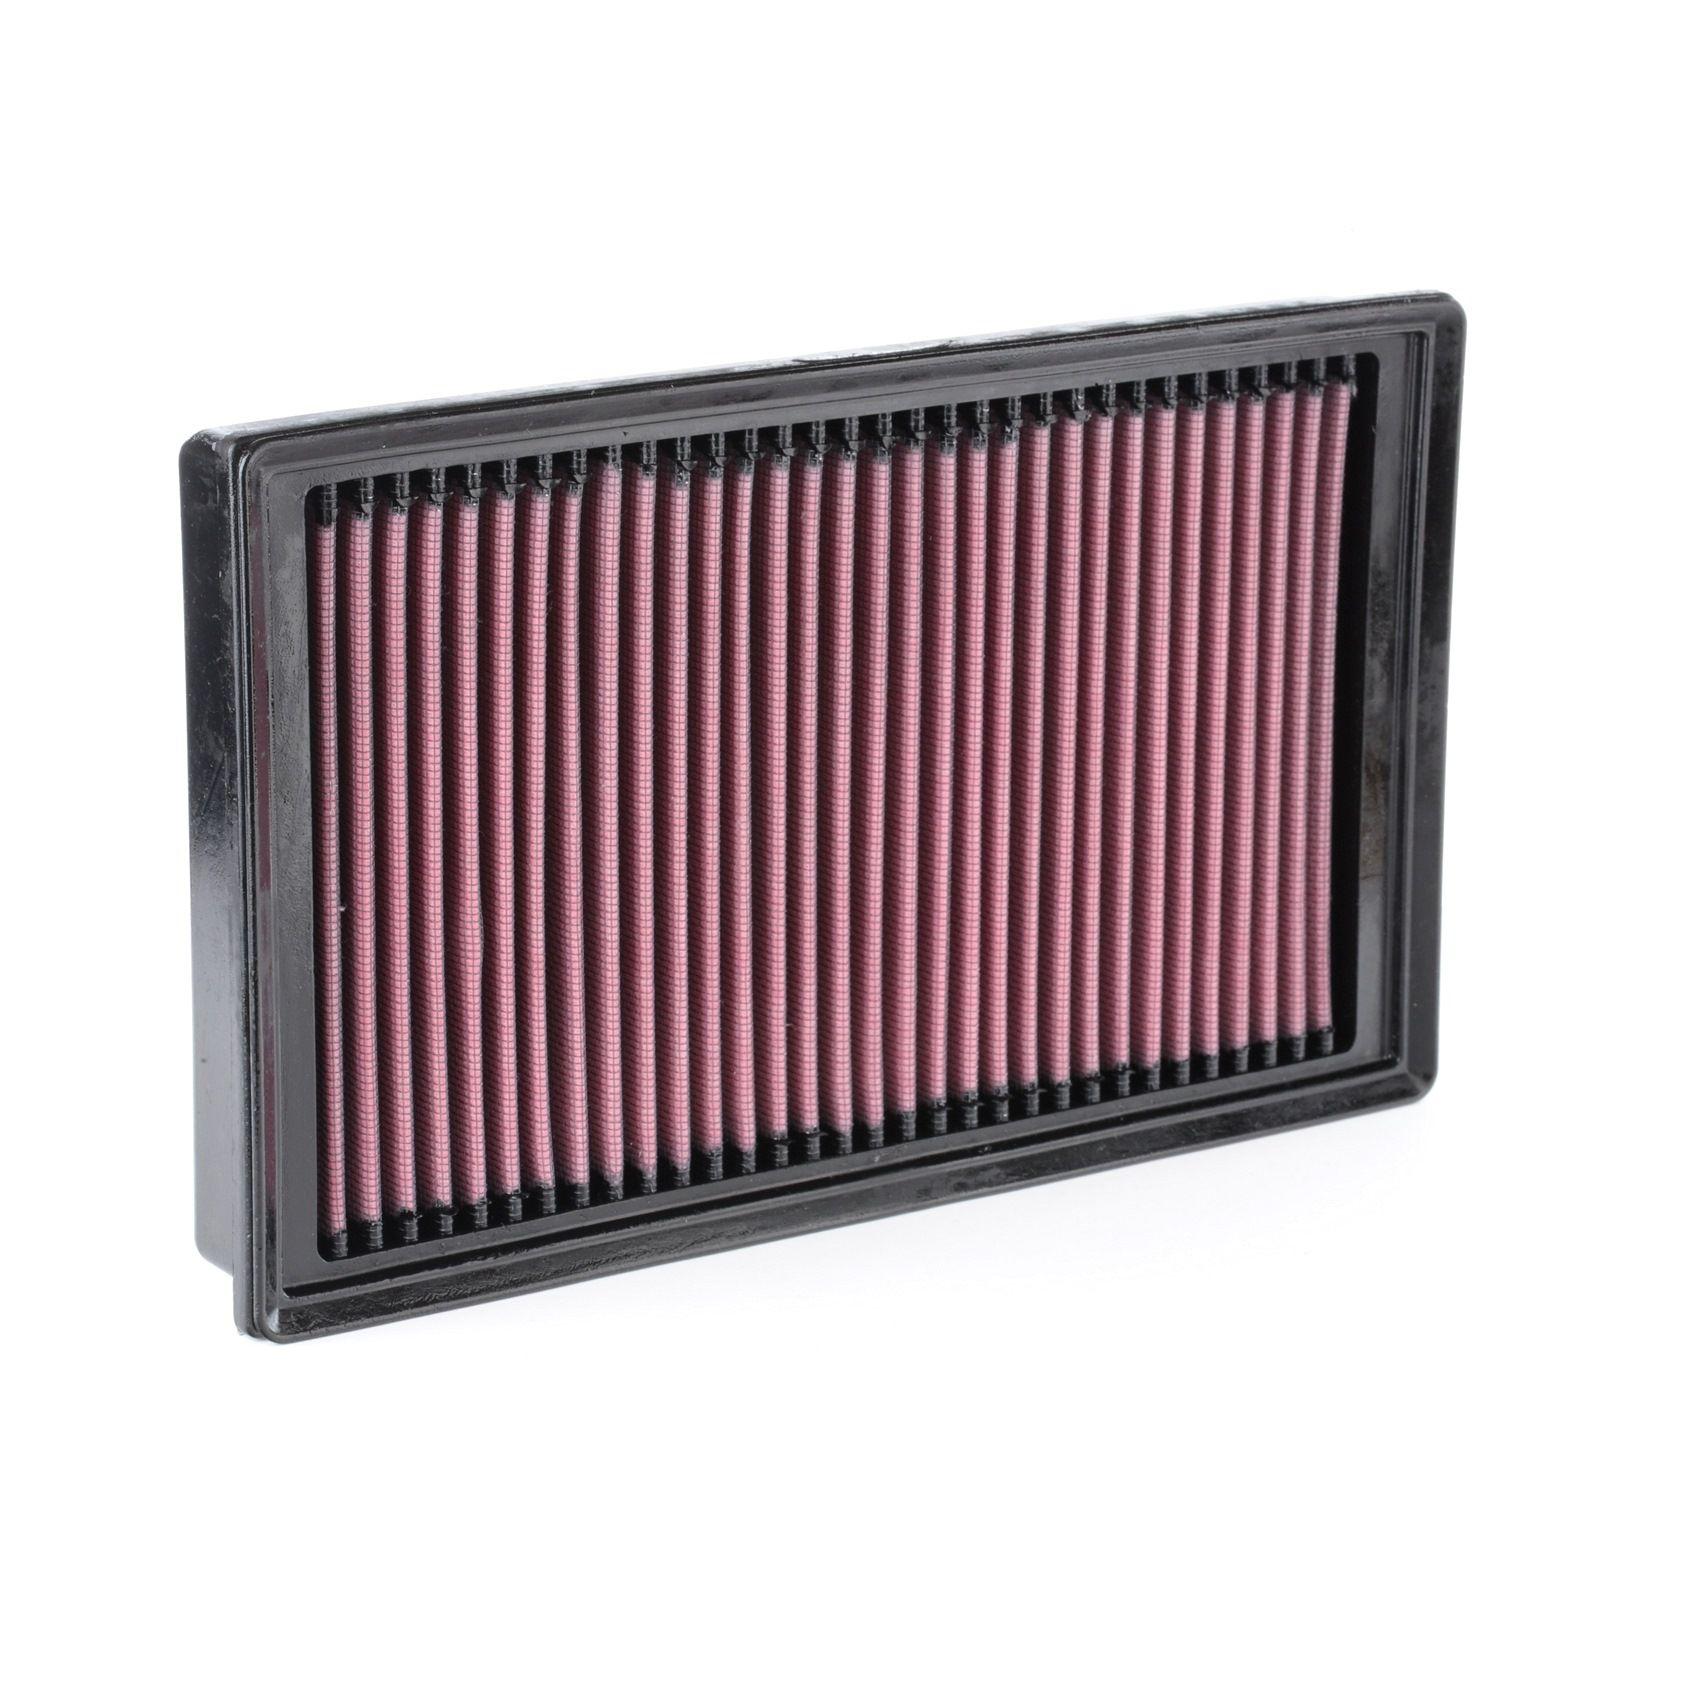 K&N Filters: Original Motorluftfilter 33-3005 (Länge: 294mm, Länge: 294mm, Breite: 178mm, Höhe: 32mm)